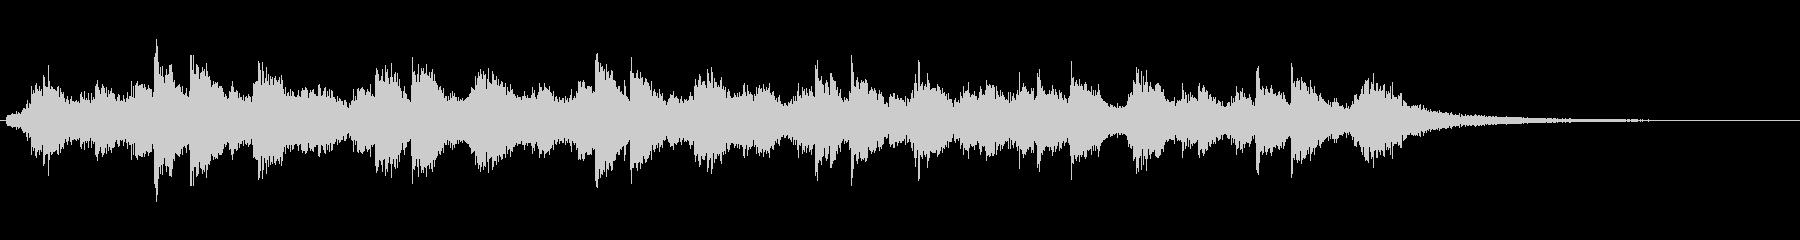 ハープ:アルペジオ、連続作品、音楽...の未再生の波形